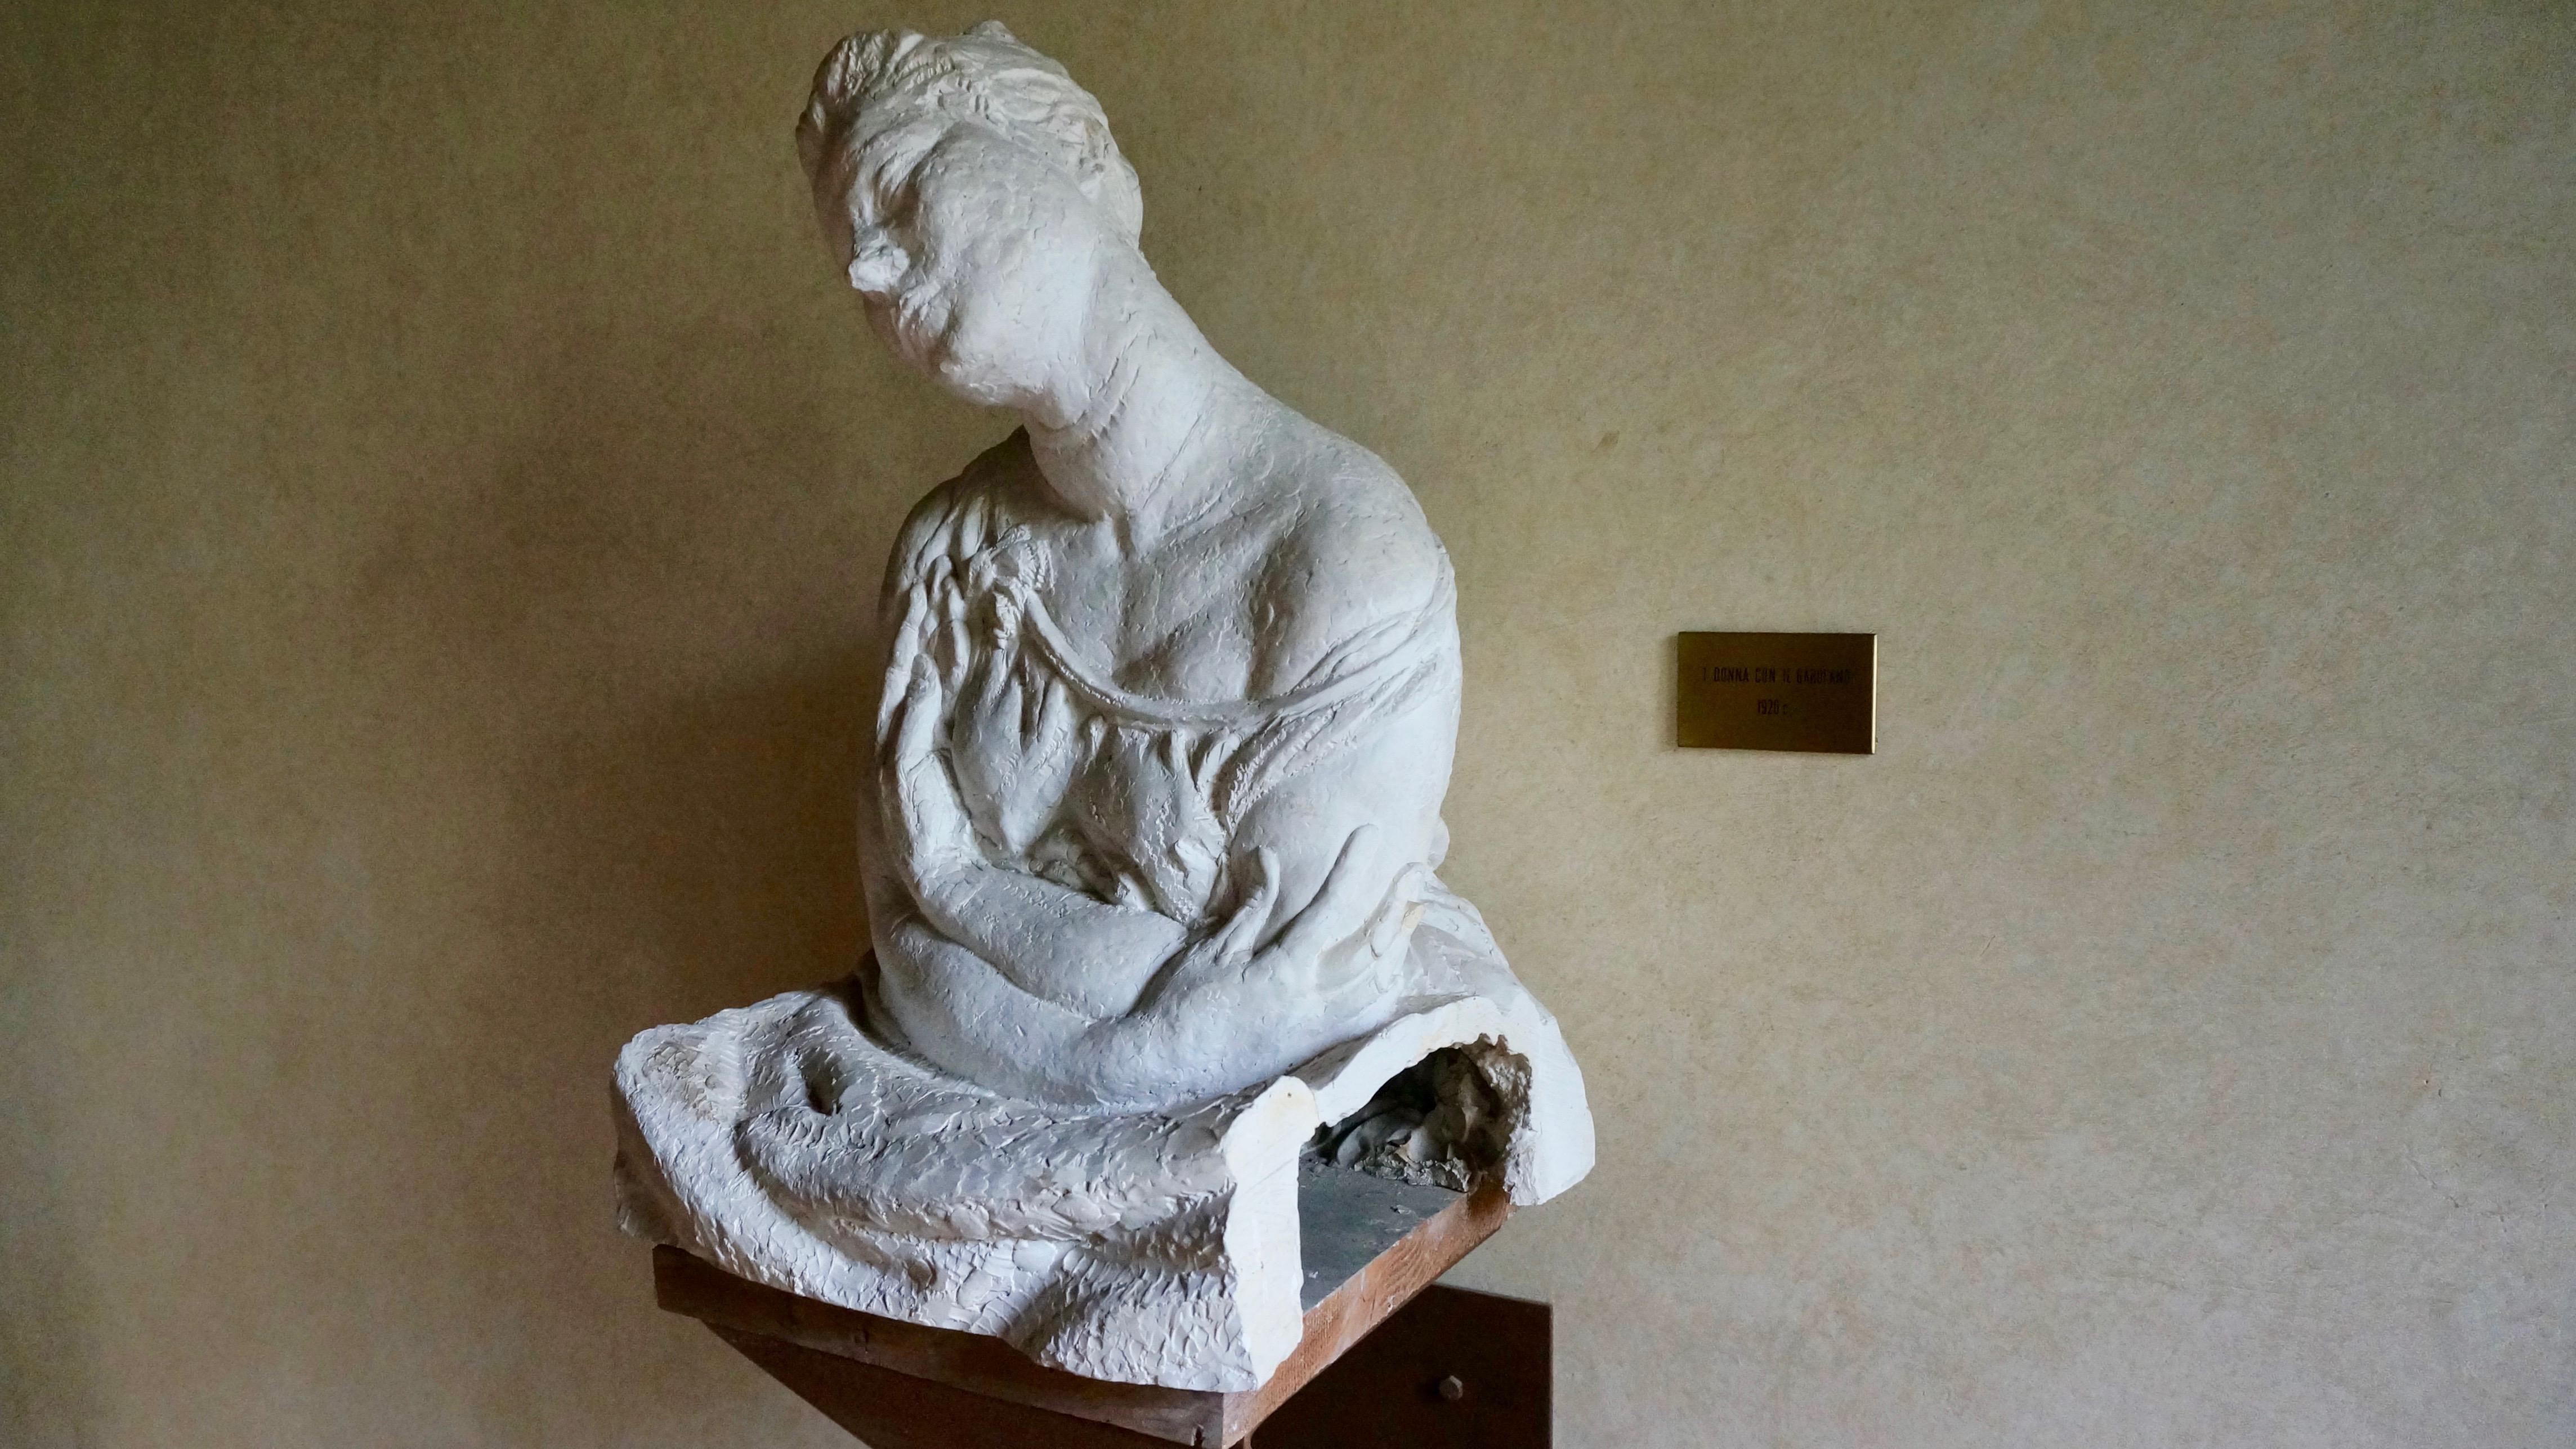 Palagio Palazzo del Podestà Gipsoteca Libero Andreotti velia pesaro sgarbi Pescia